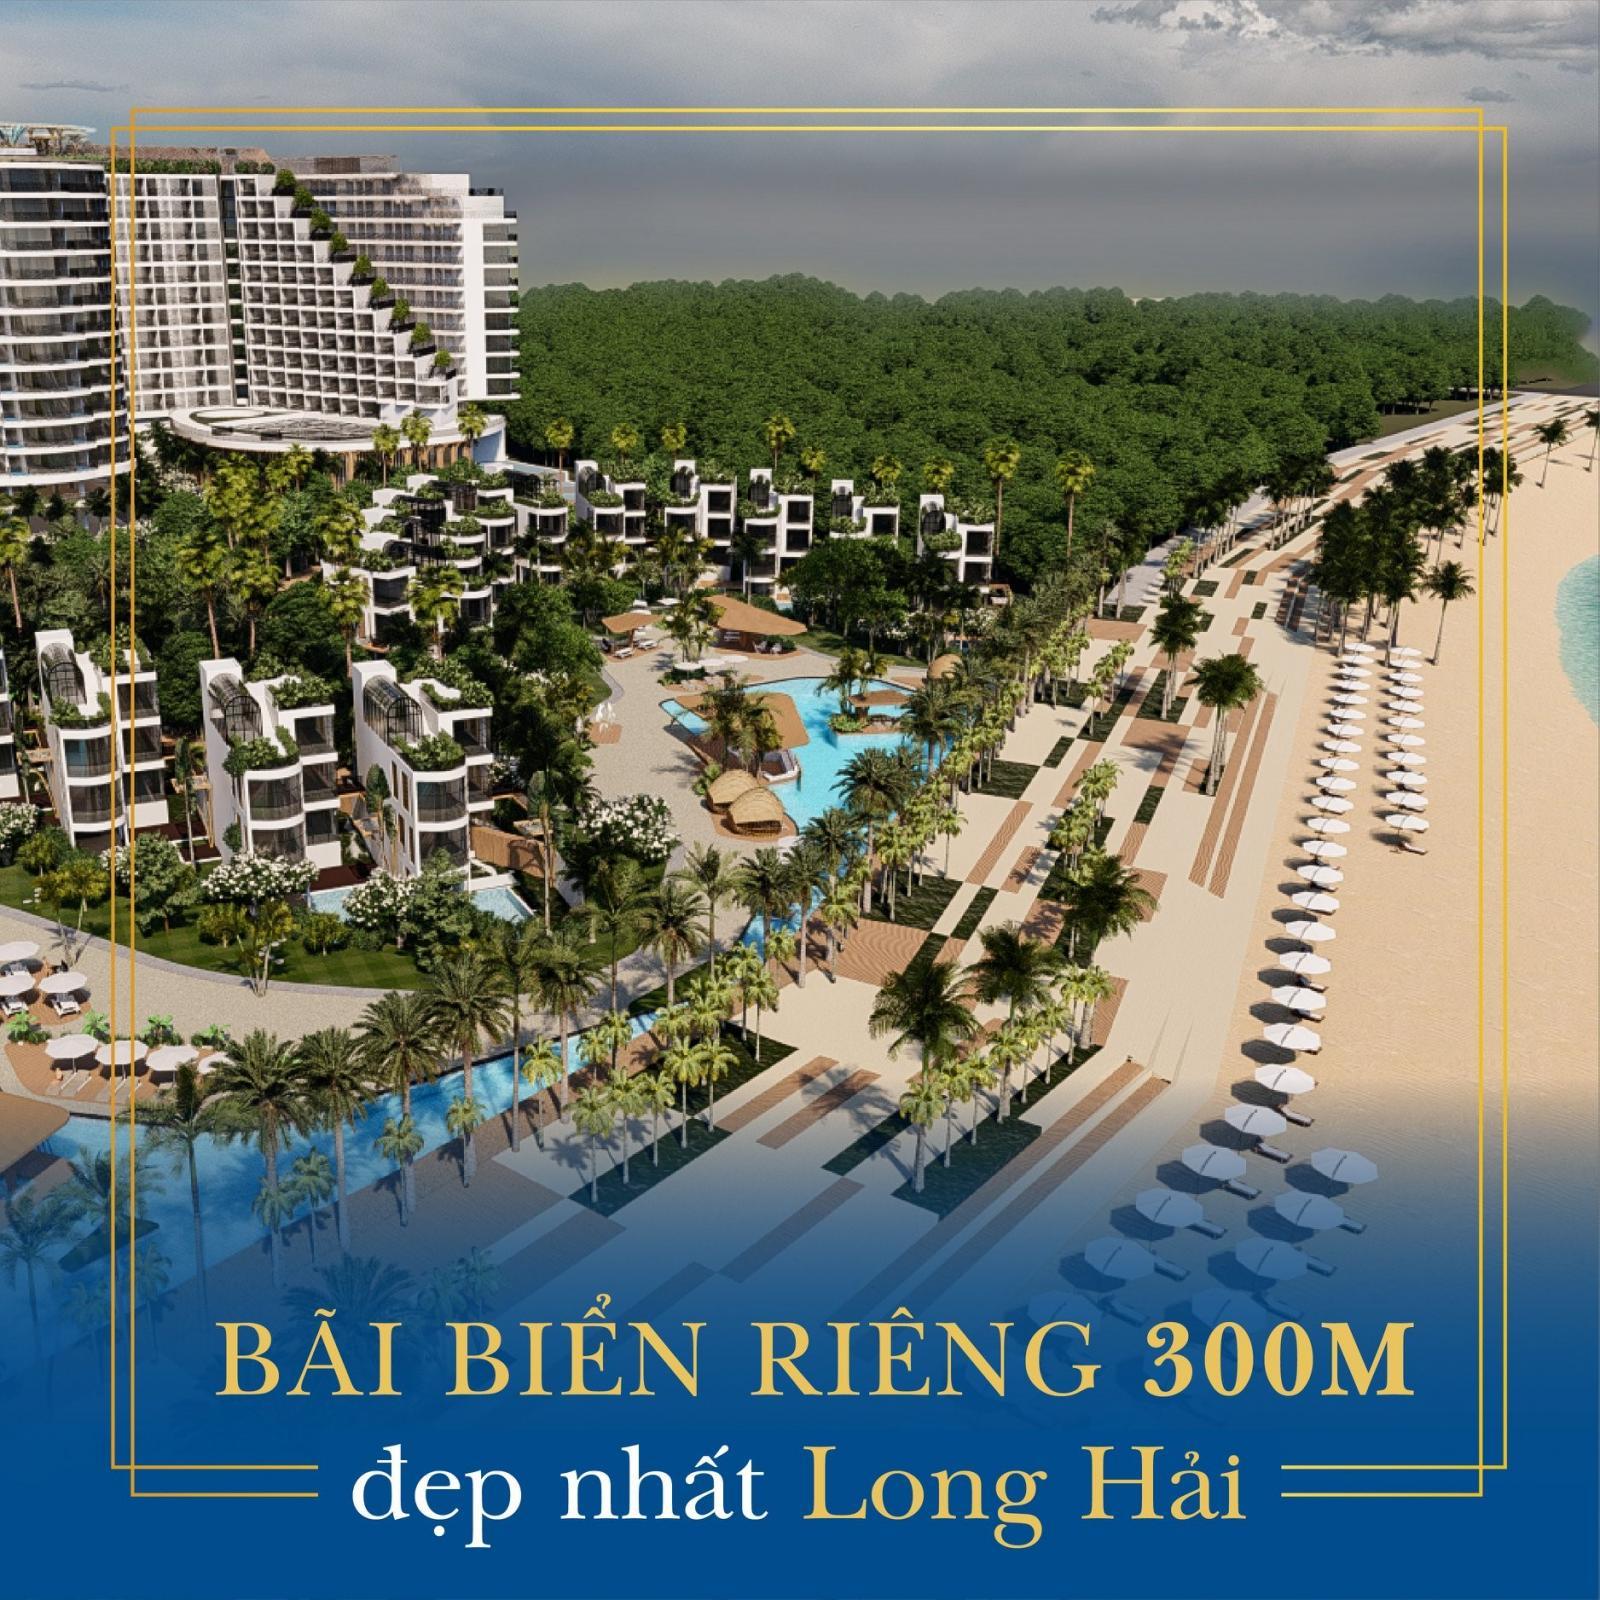 khu biệt thự nghỉ dưỡng nằm cạnh đường ben biển